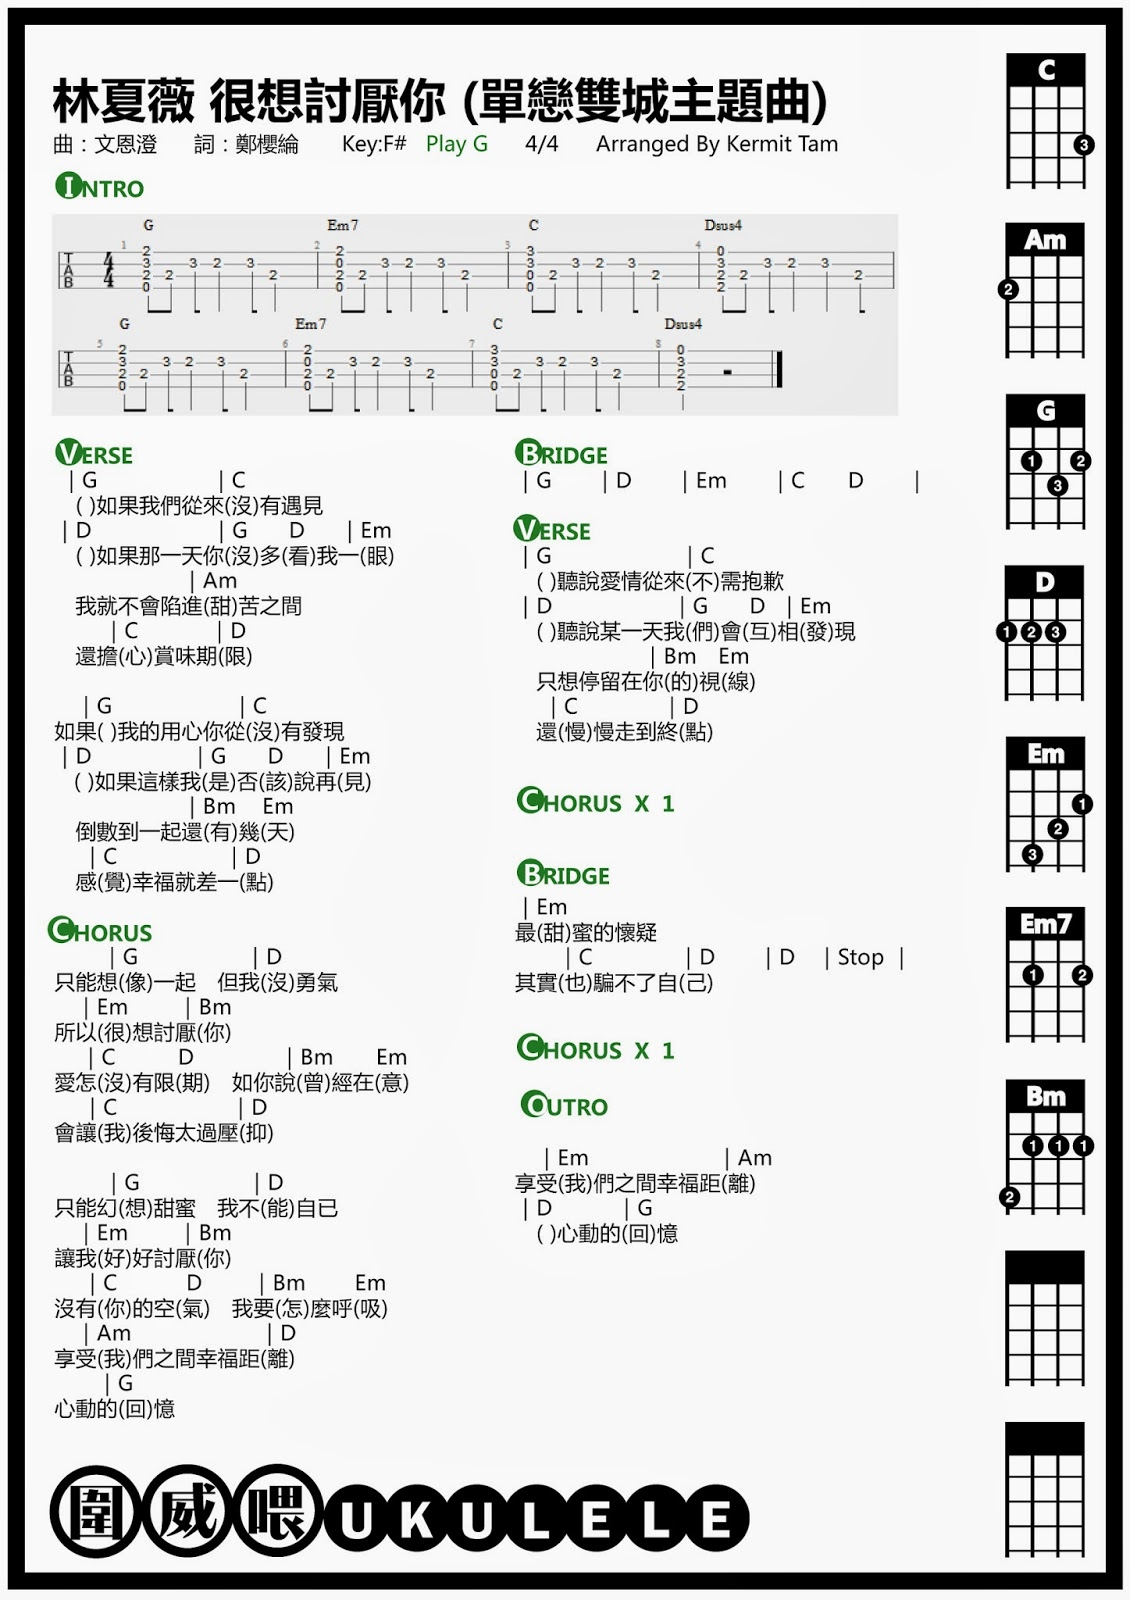 圍威喂 ukulele: 林夏薇 很想討厭你 (單戀雙城主題曲) [ukulele譜 + 教學]